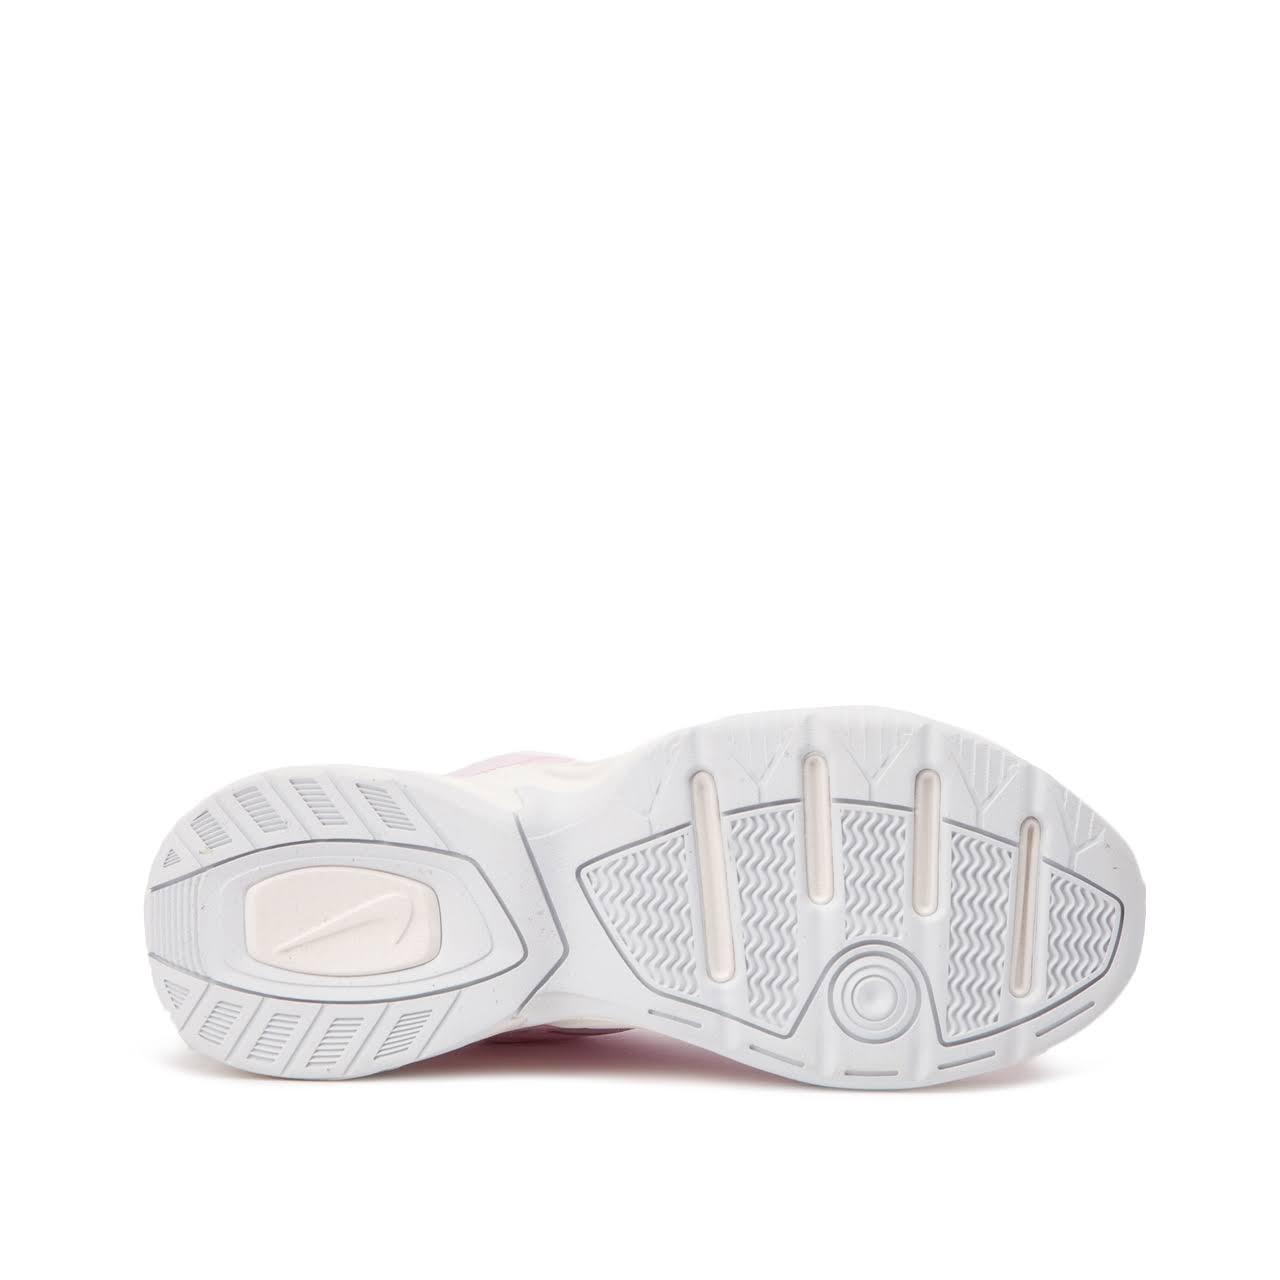 Womens Foam' 0 Sneakers Wmns M2k Nike 'pink 5 Tekno Size wqU1xHFZ